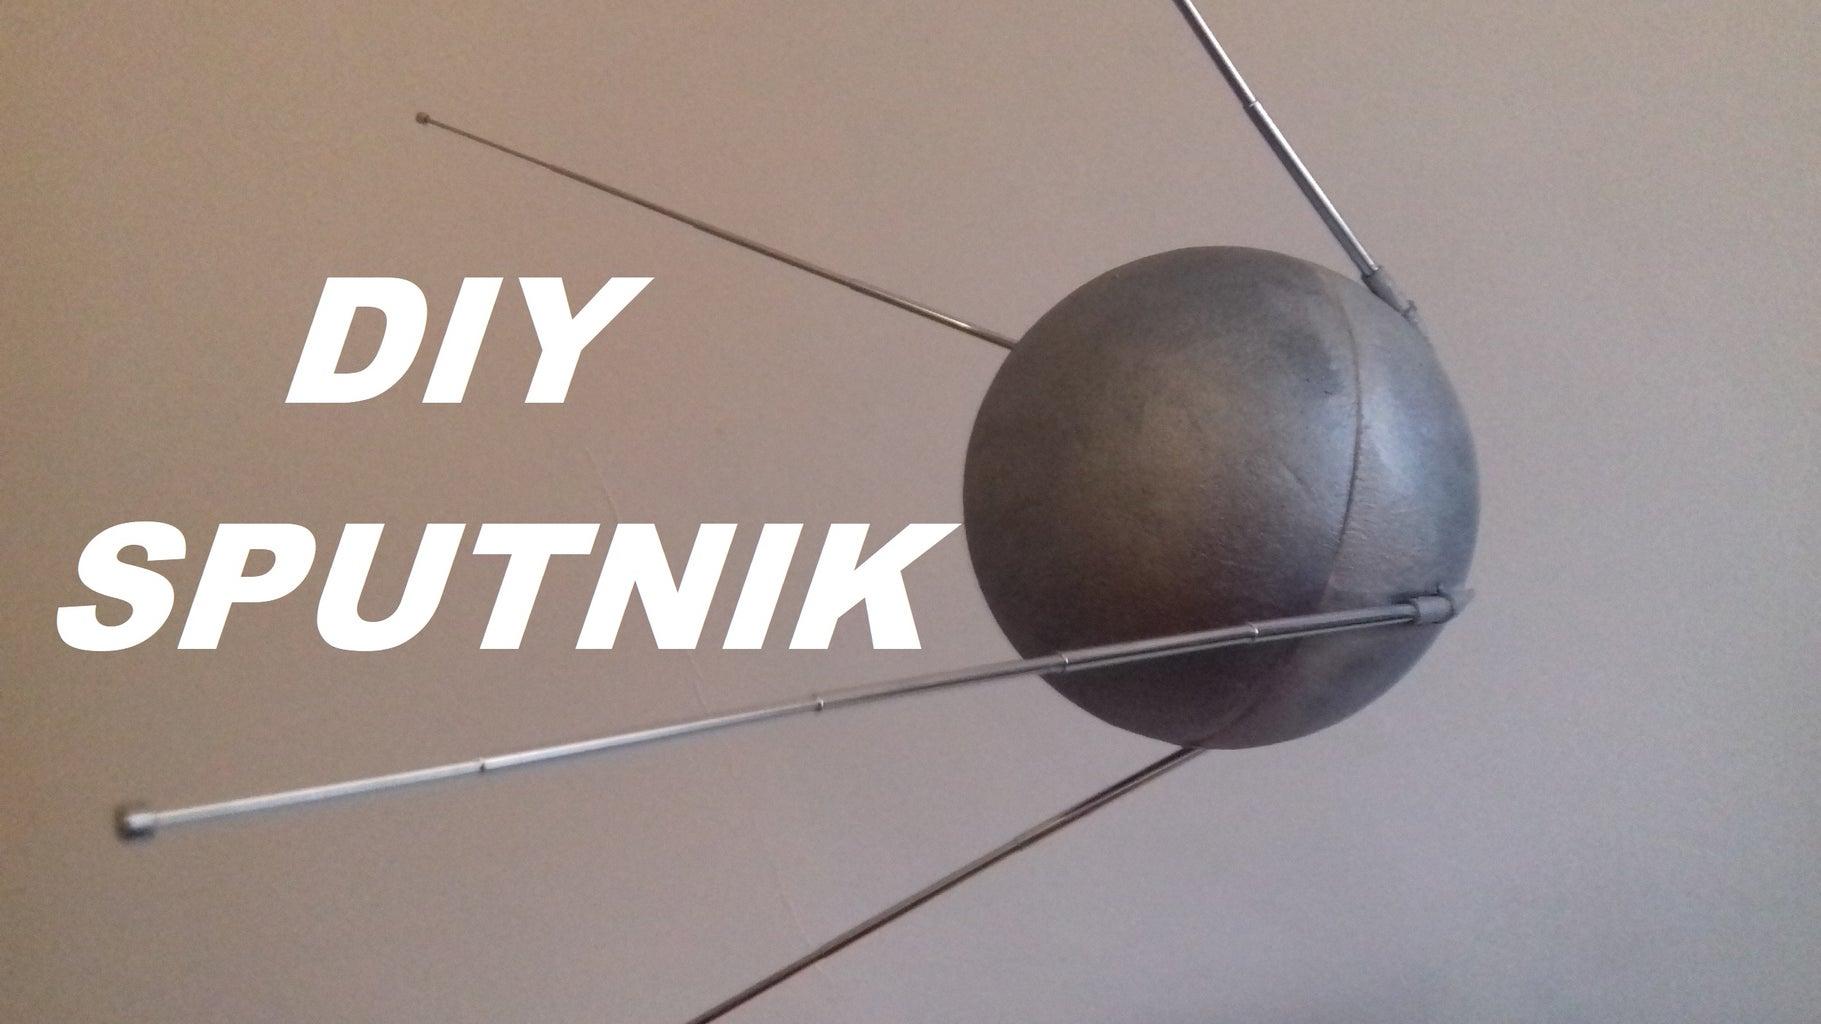 Now You Have Your... Beep, Beep... DIY Sputnik... Beep, Beep....